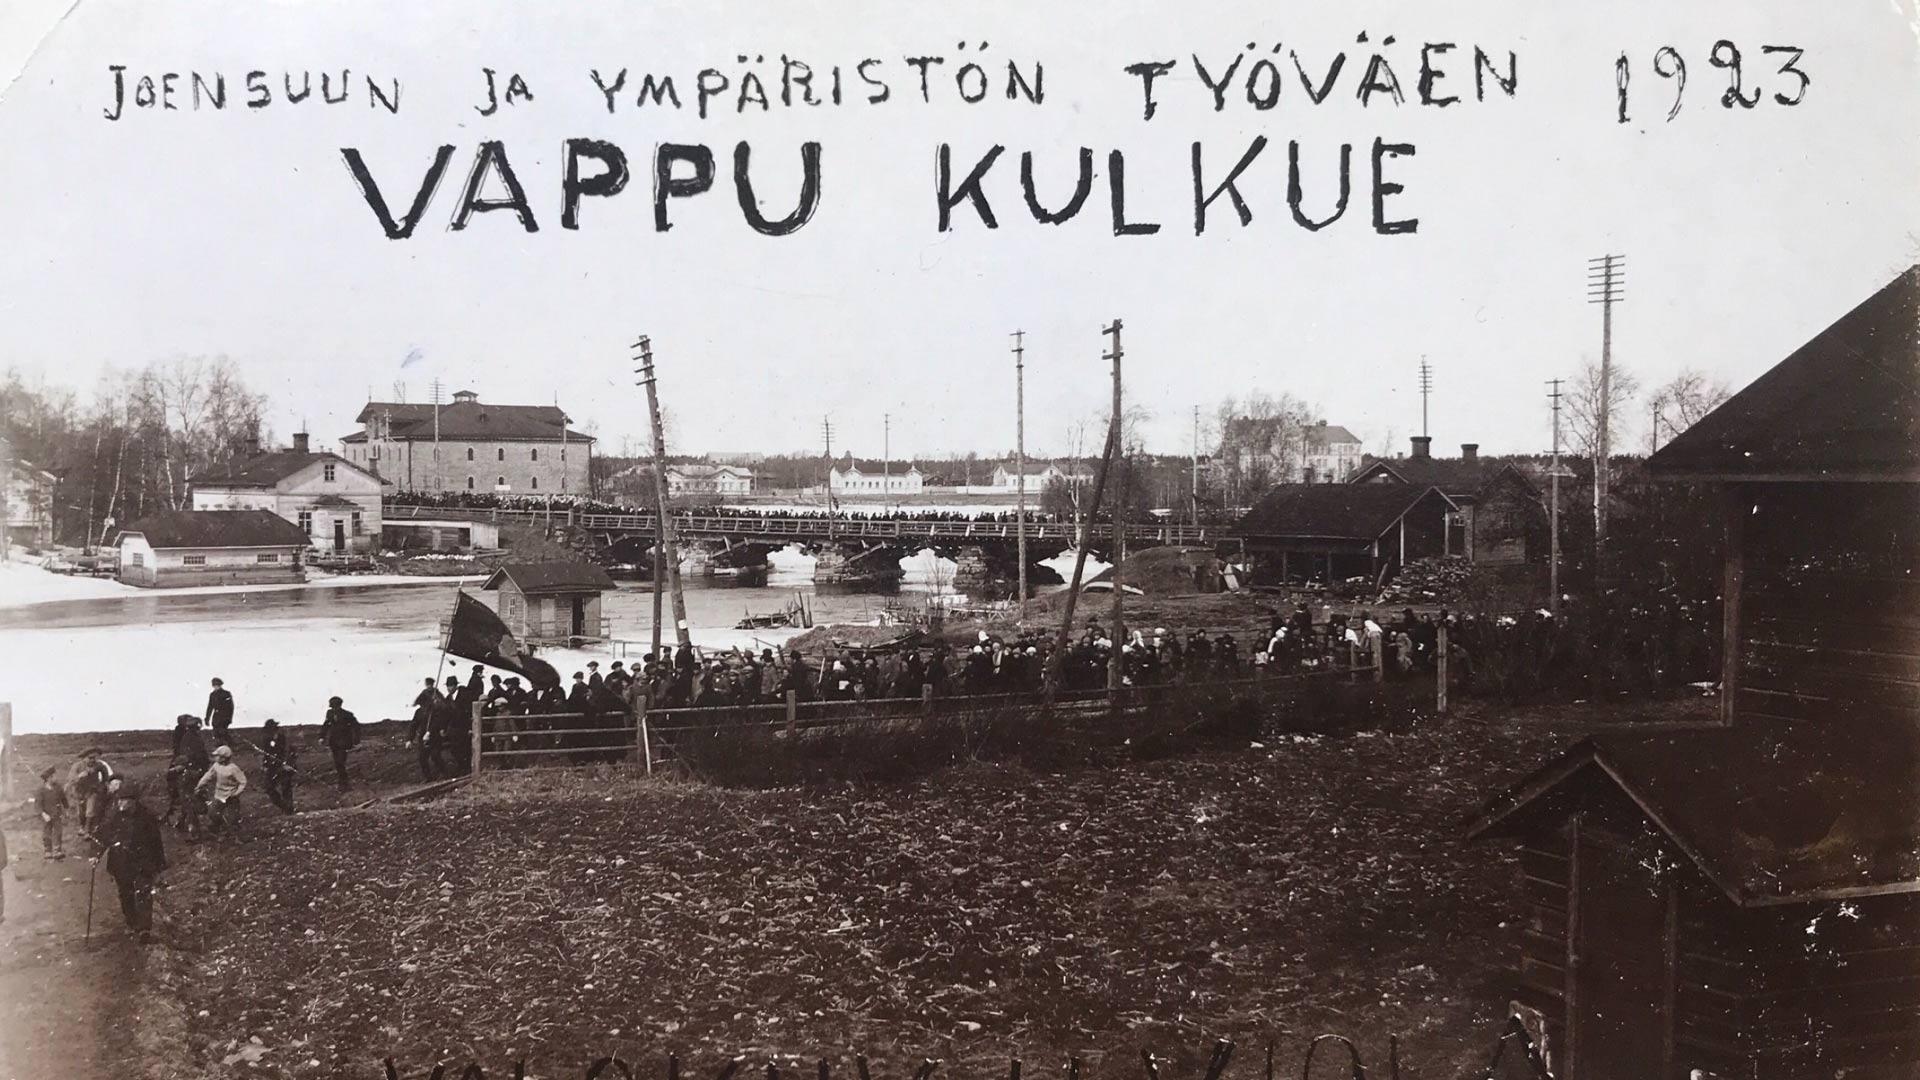 Työväen vappukulkue vuonna 1923 Joensuussa. Kuva PK-museo.